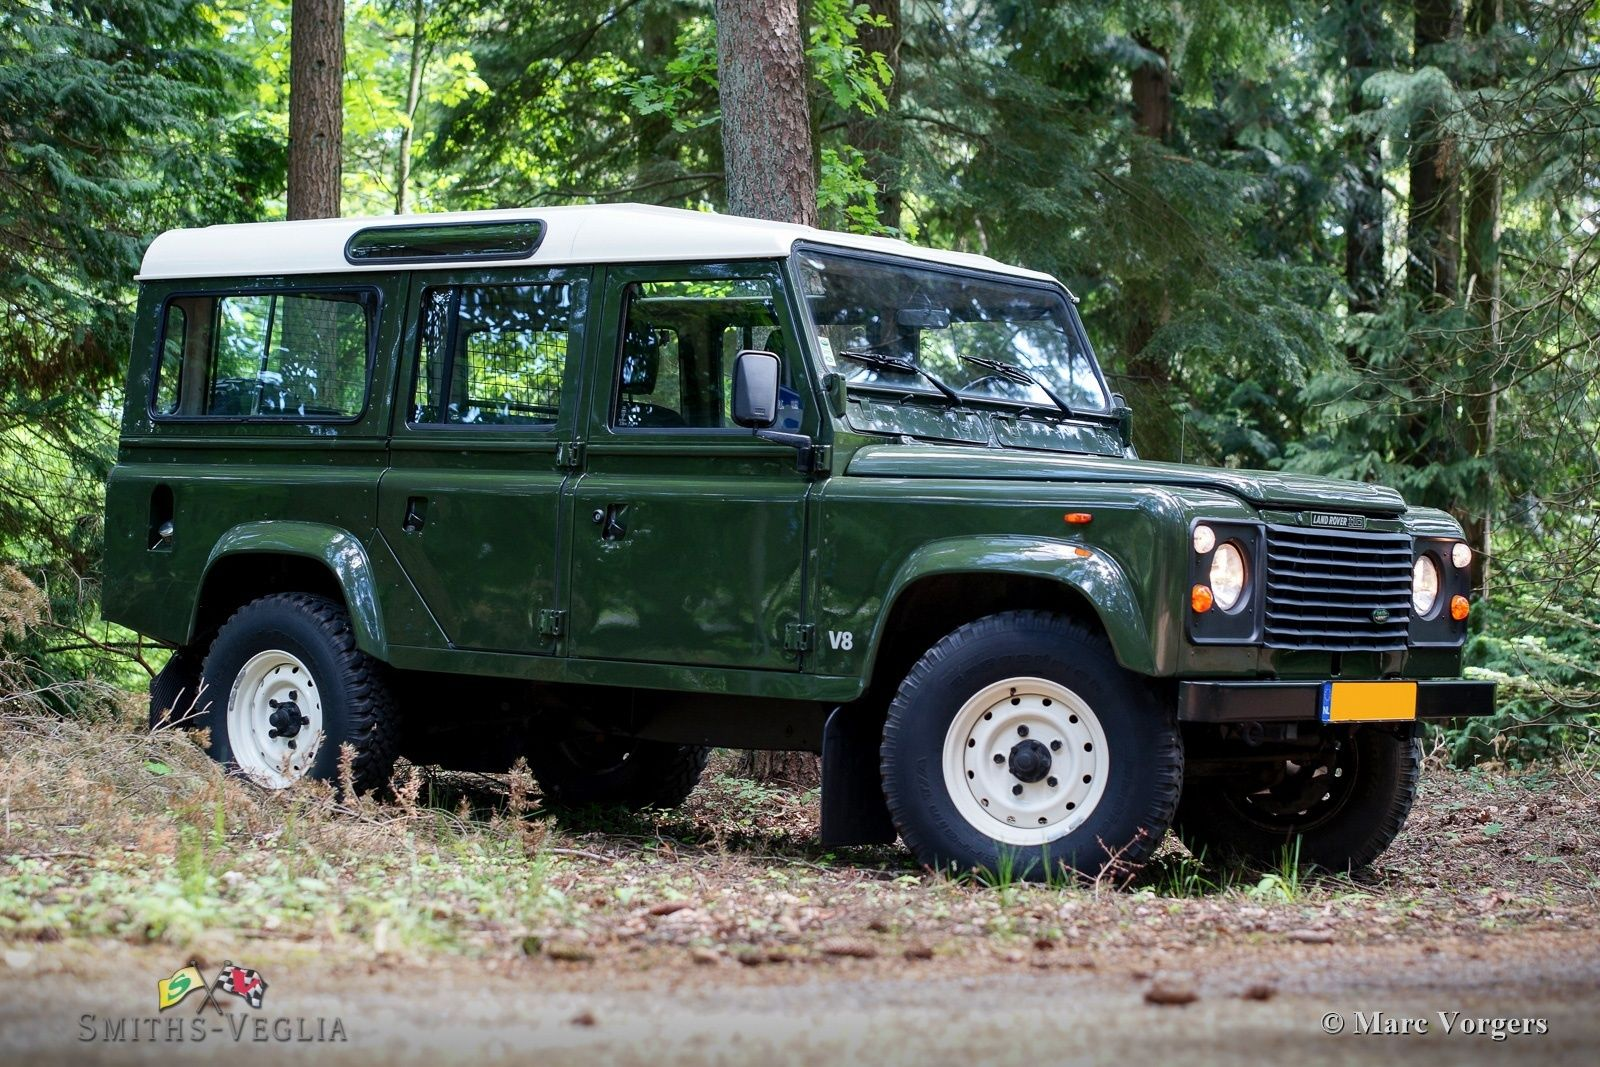 1985 Land Rover Defender - 110 V8 | VEHICLE | Land rover